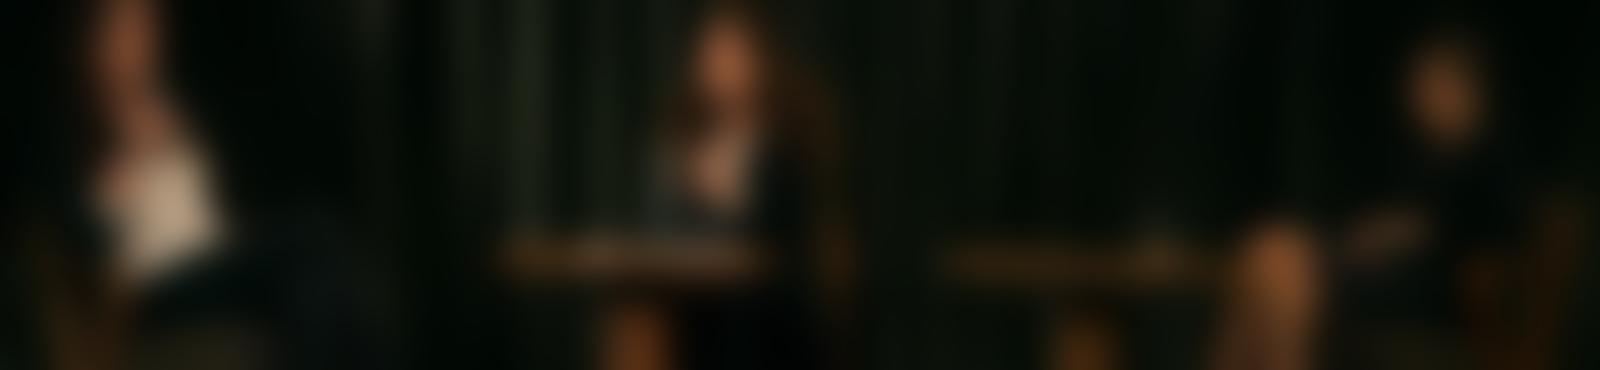 Blurred 79cb62b4 cac6 4b37 8529 3a11dfbd64f8